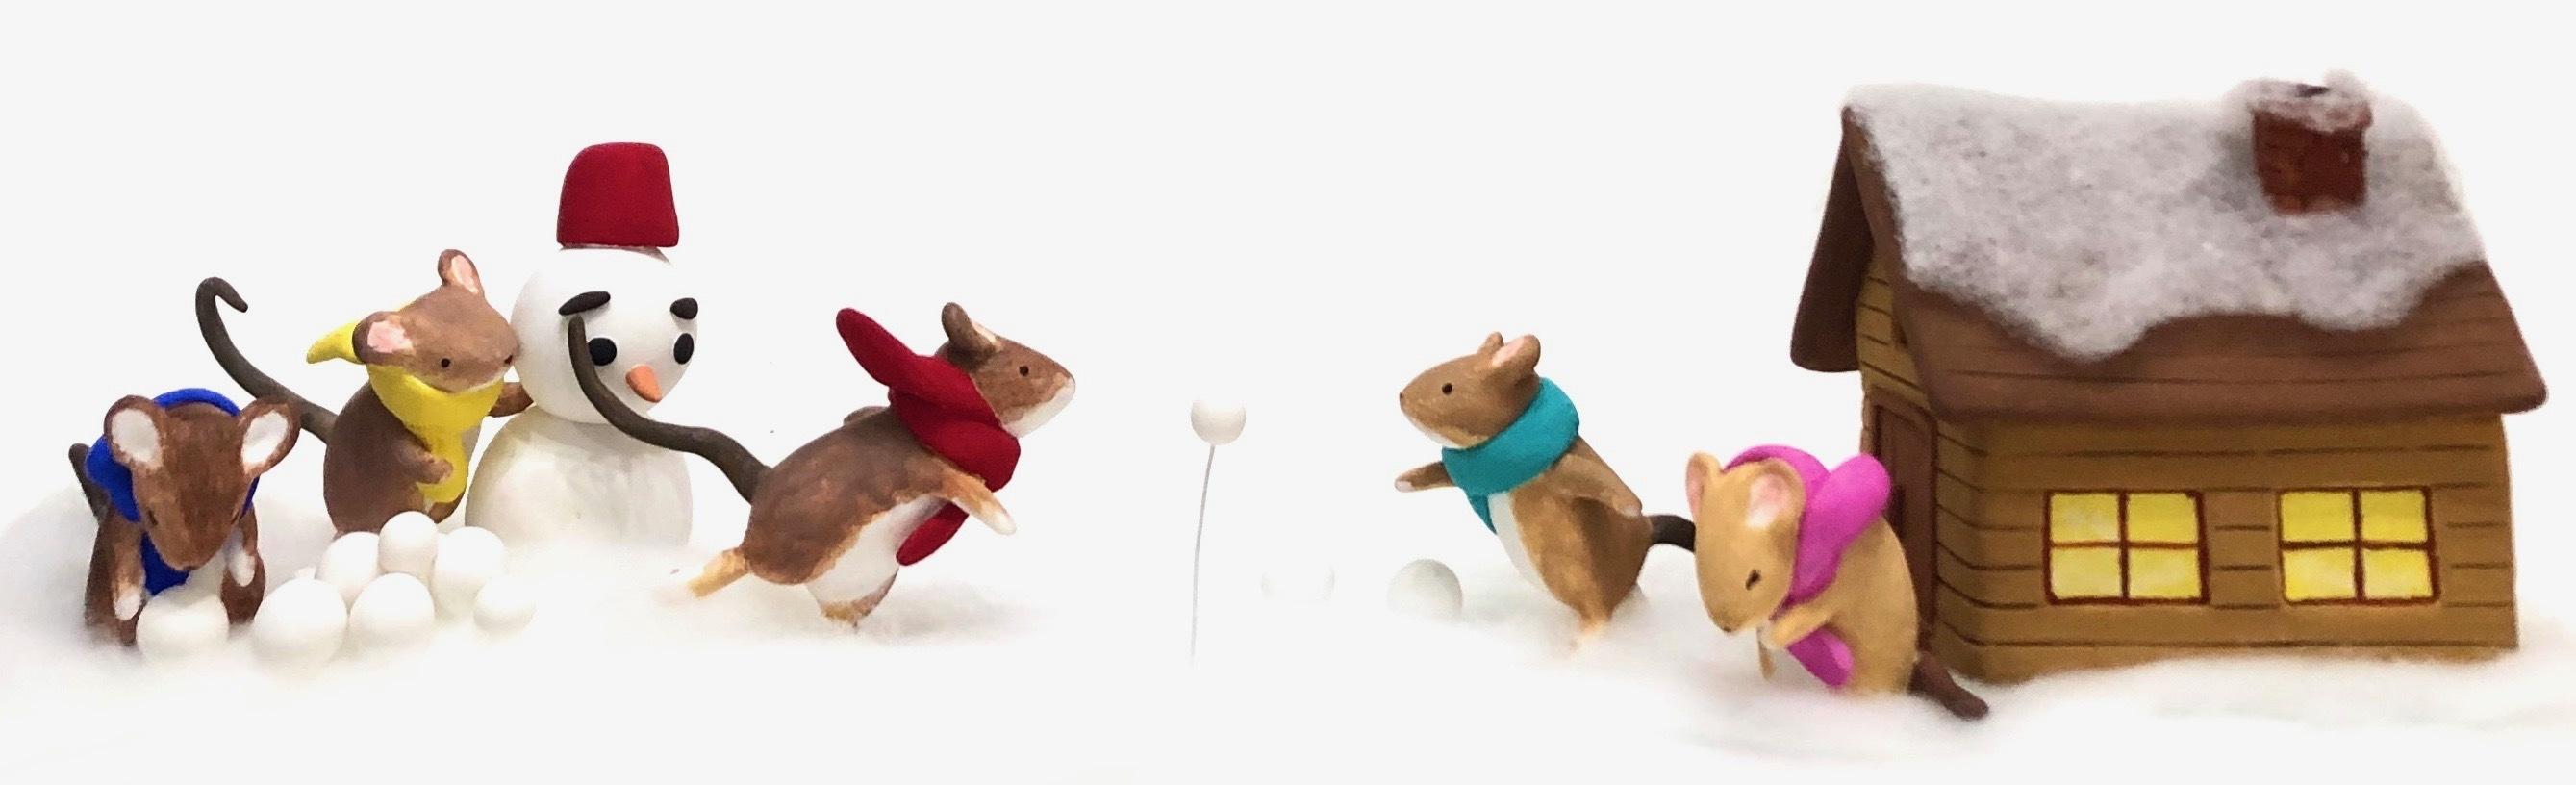 ネズミの雪合戦_f0395434_21364069.jpeg